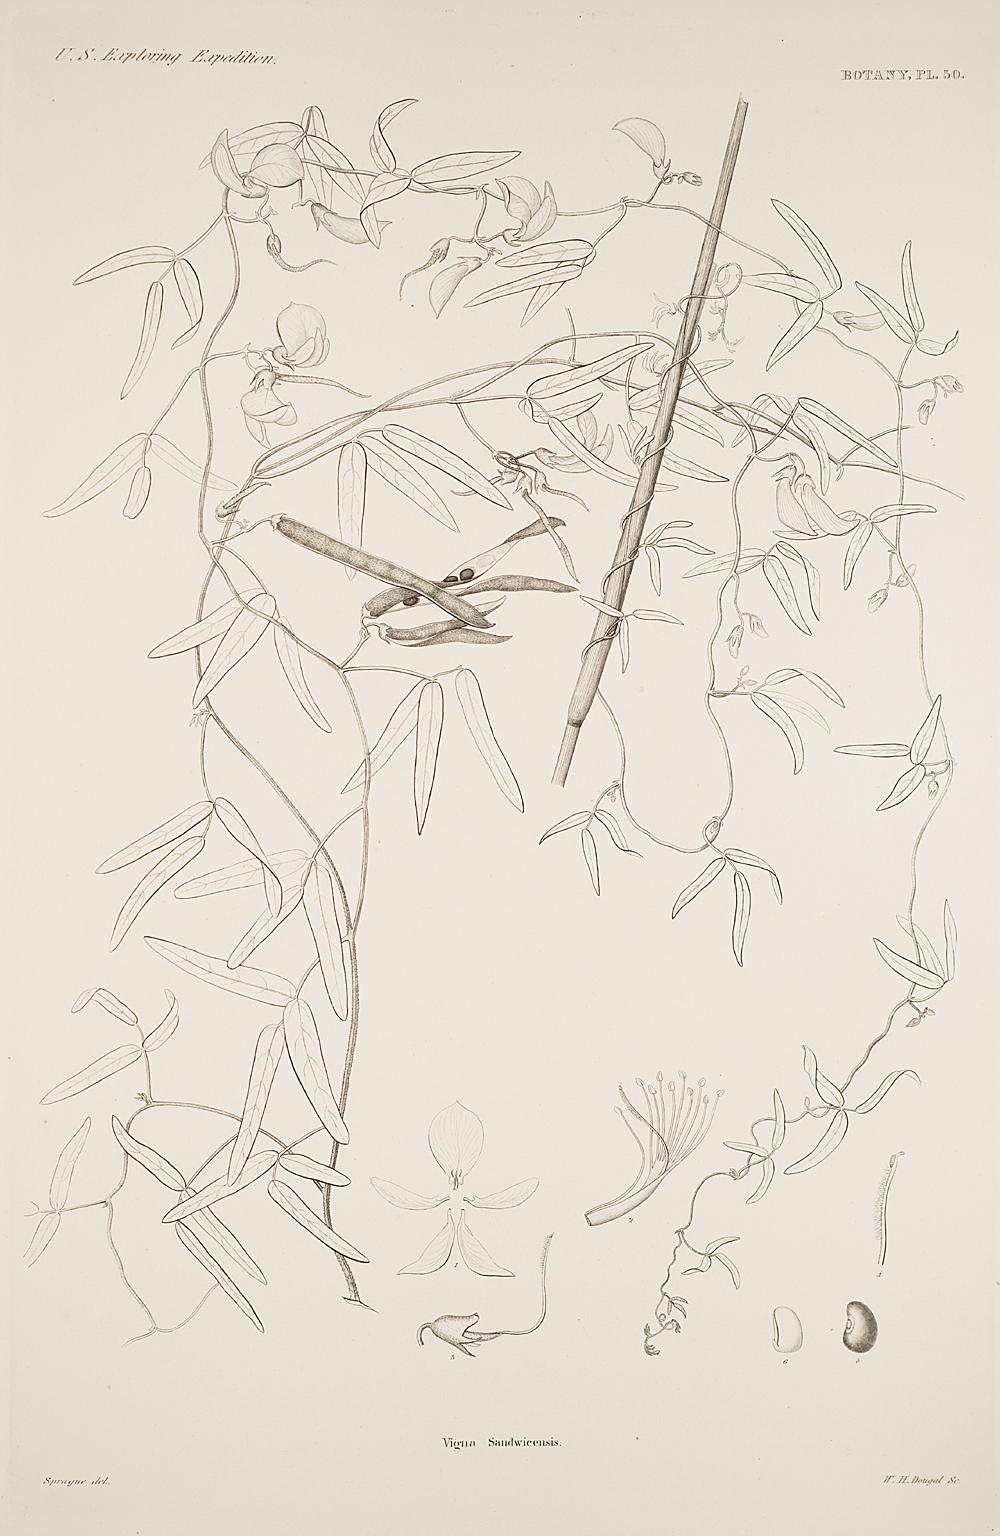 Botany, Pl. 50,  Image number:sil19-23-111b